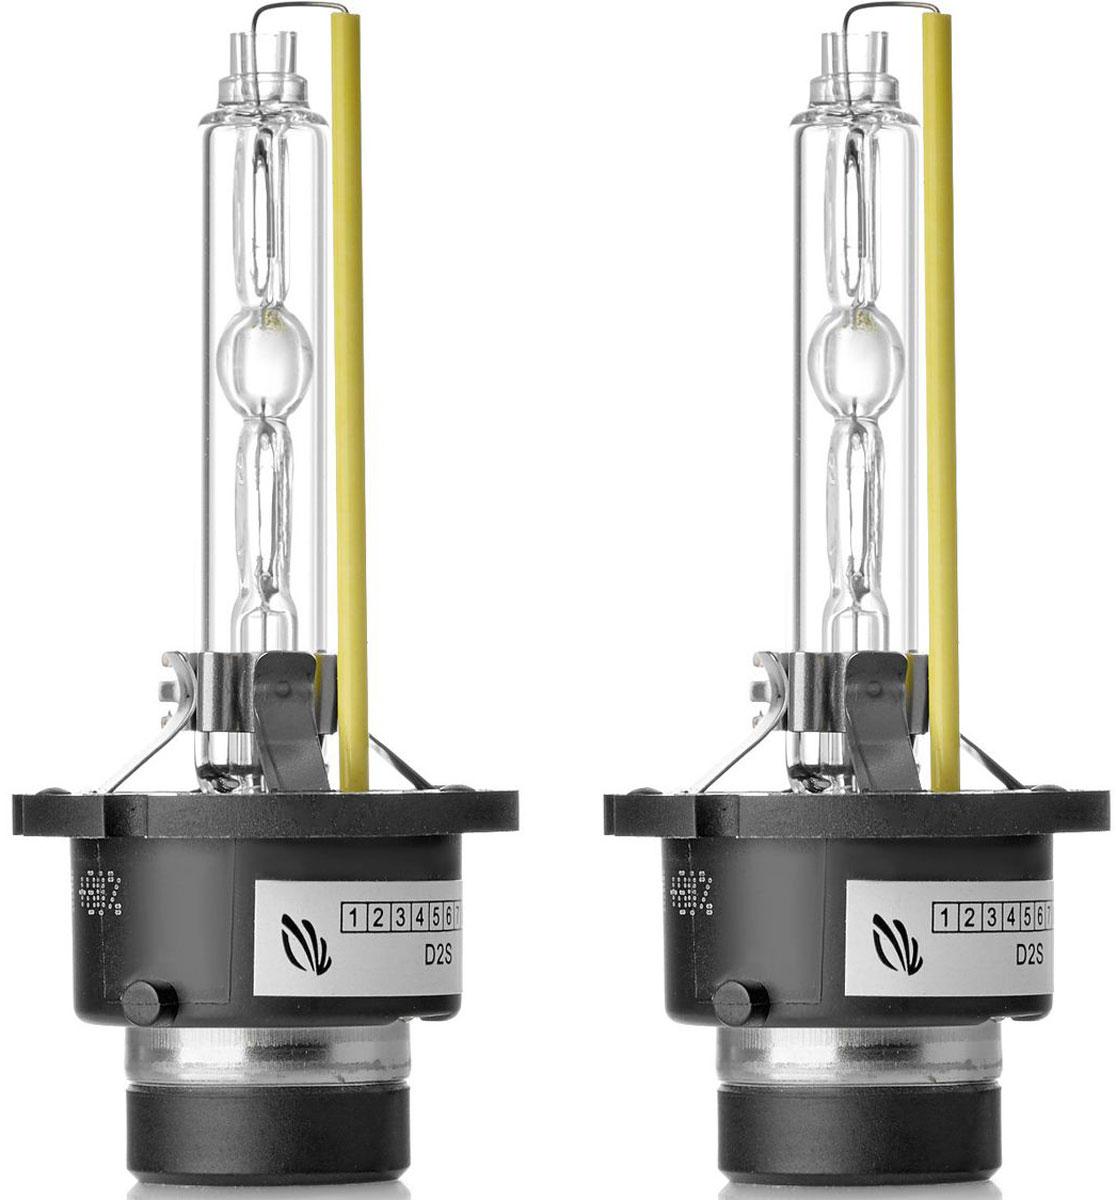 Лампа автомобильная ксеноновая Clearlight Xenon Premium+150%, цоколь D2S, 5000 К, 35 Вт, 2 шт лампа автомобильная ксеноновая clearlight xenon premium 150% цоколь d2r 5000 к 35 вт 2 шт